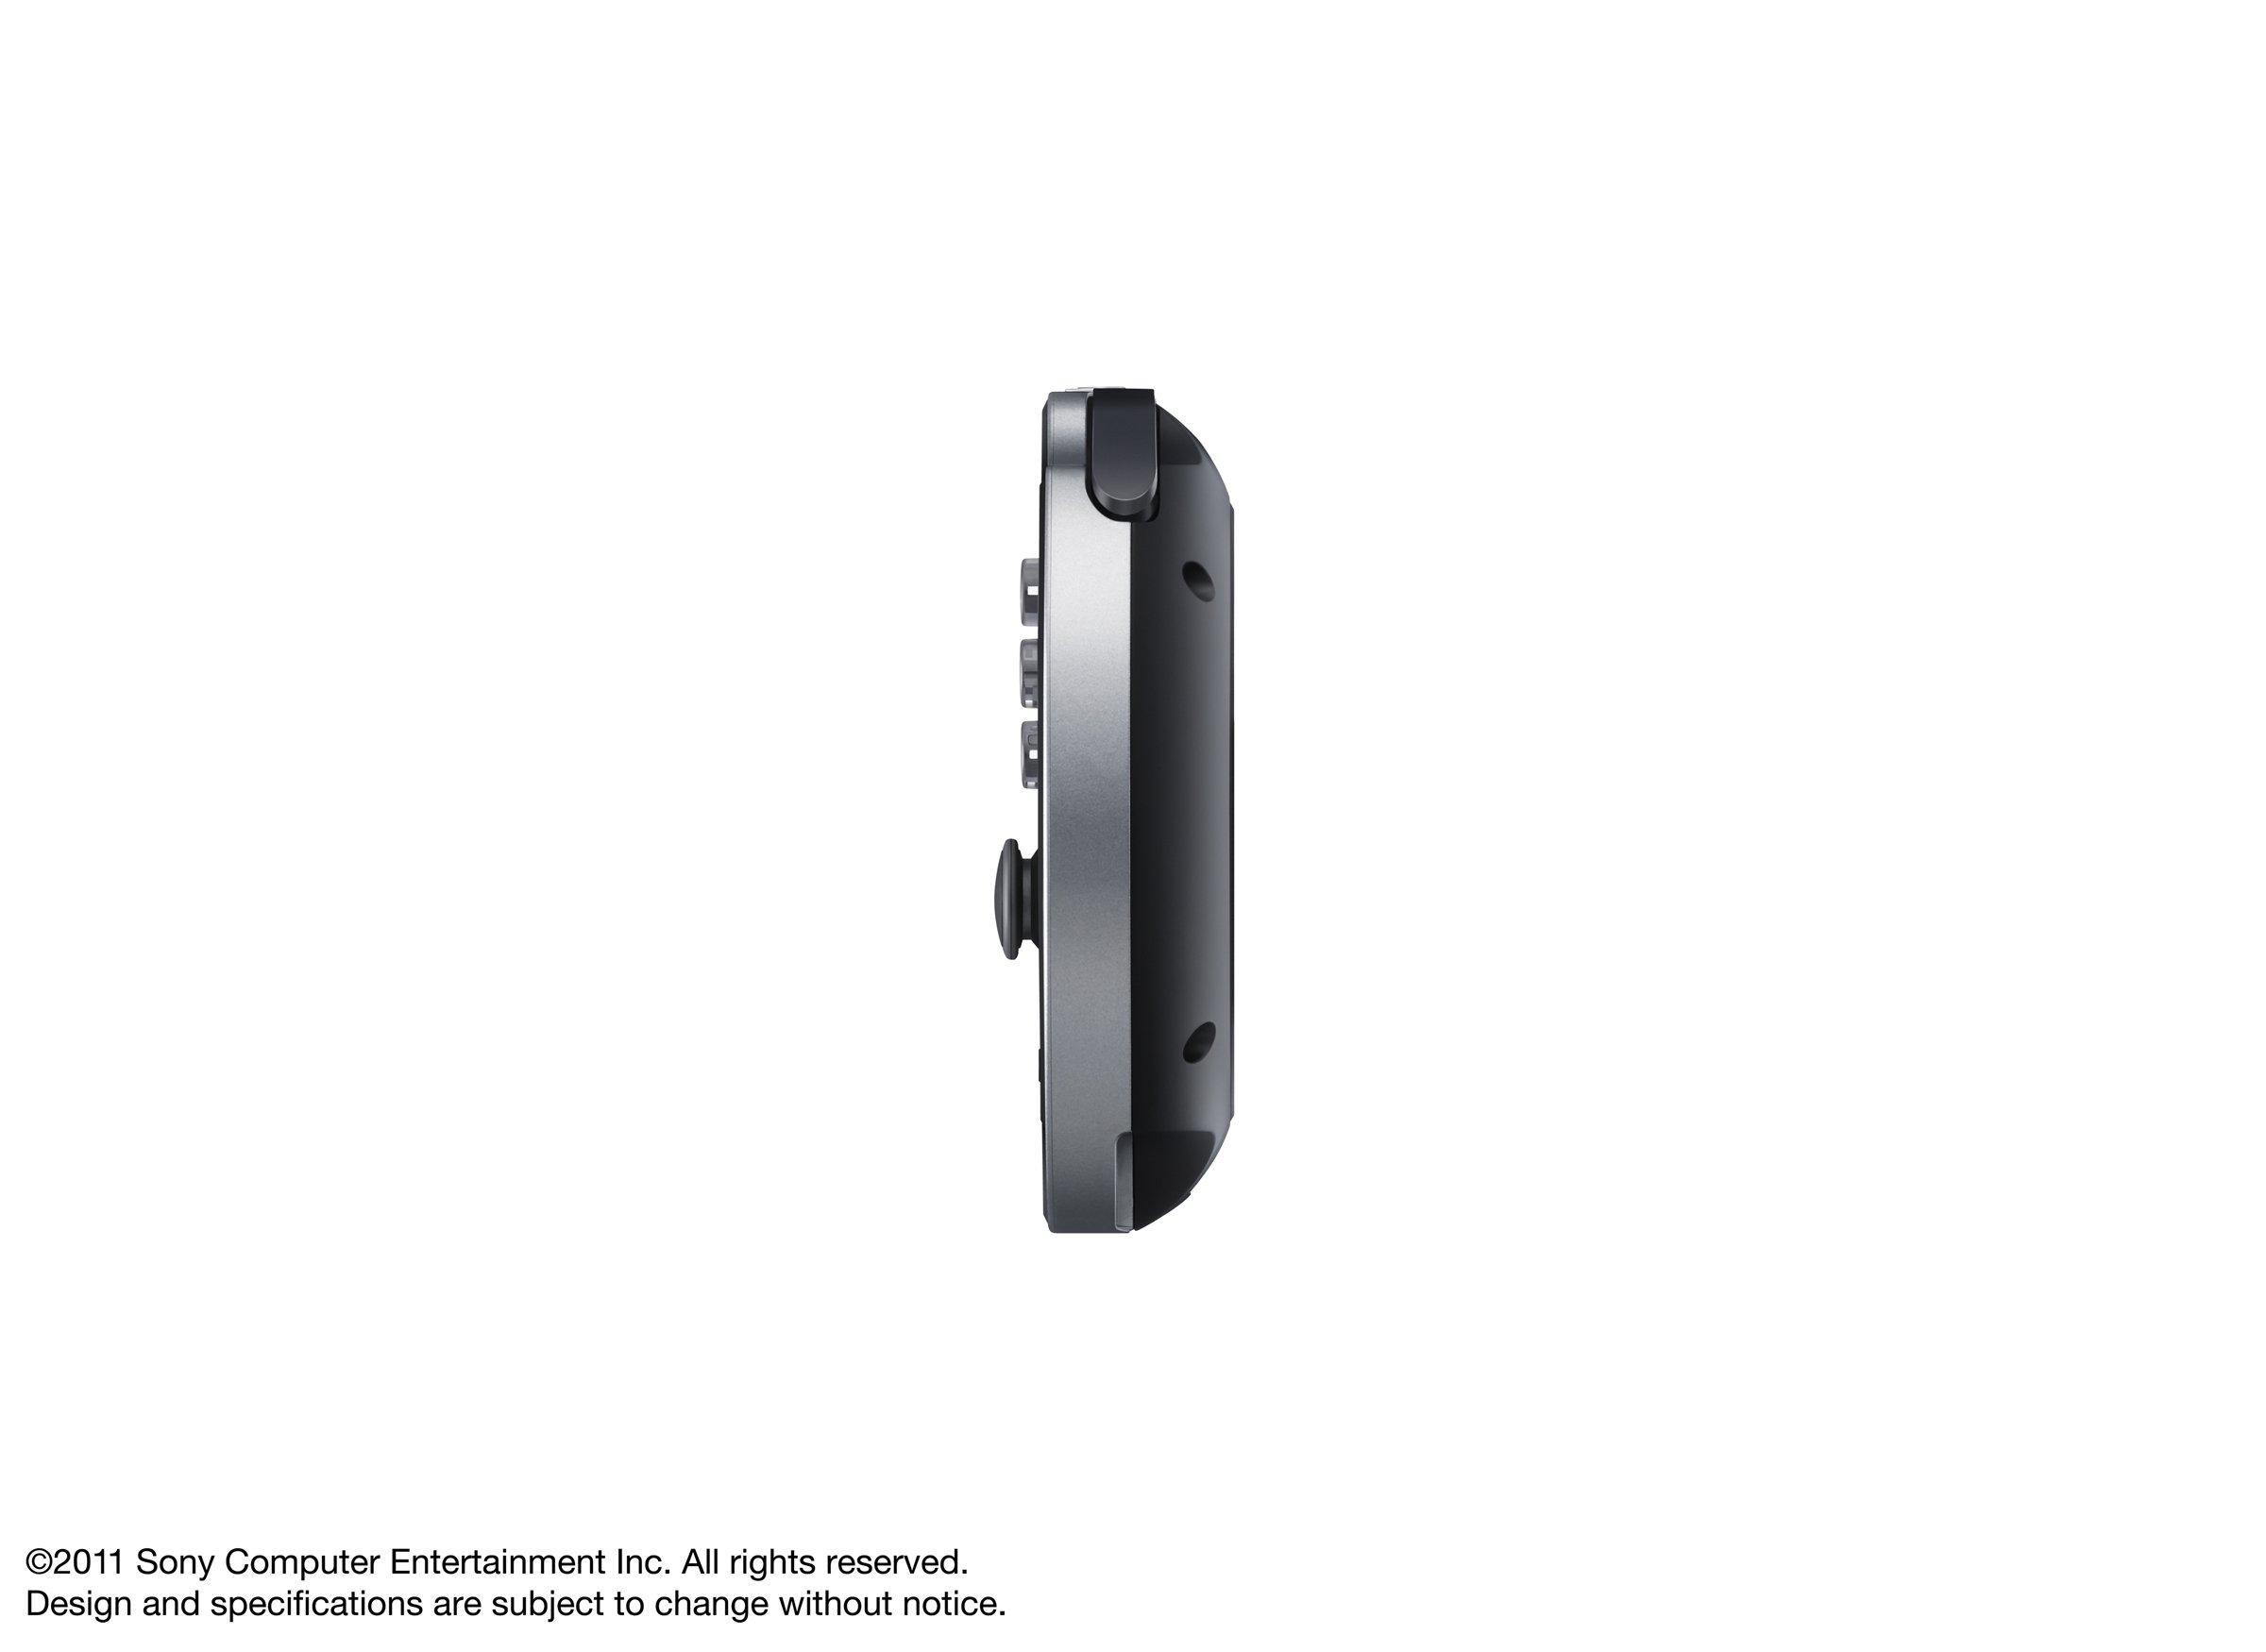 PlayStation Vita 3G/Wi-Fi Model Crystal Black Limited edition (PCH-1100AB01) by Sony (Image #6)